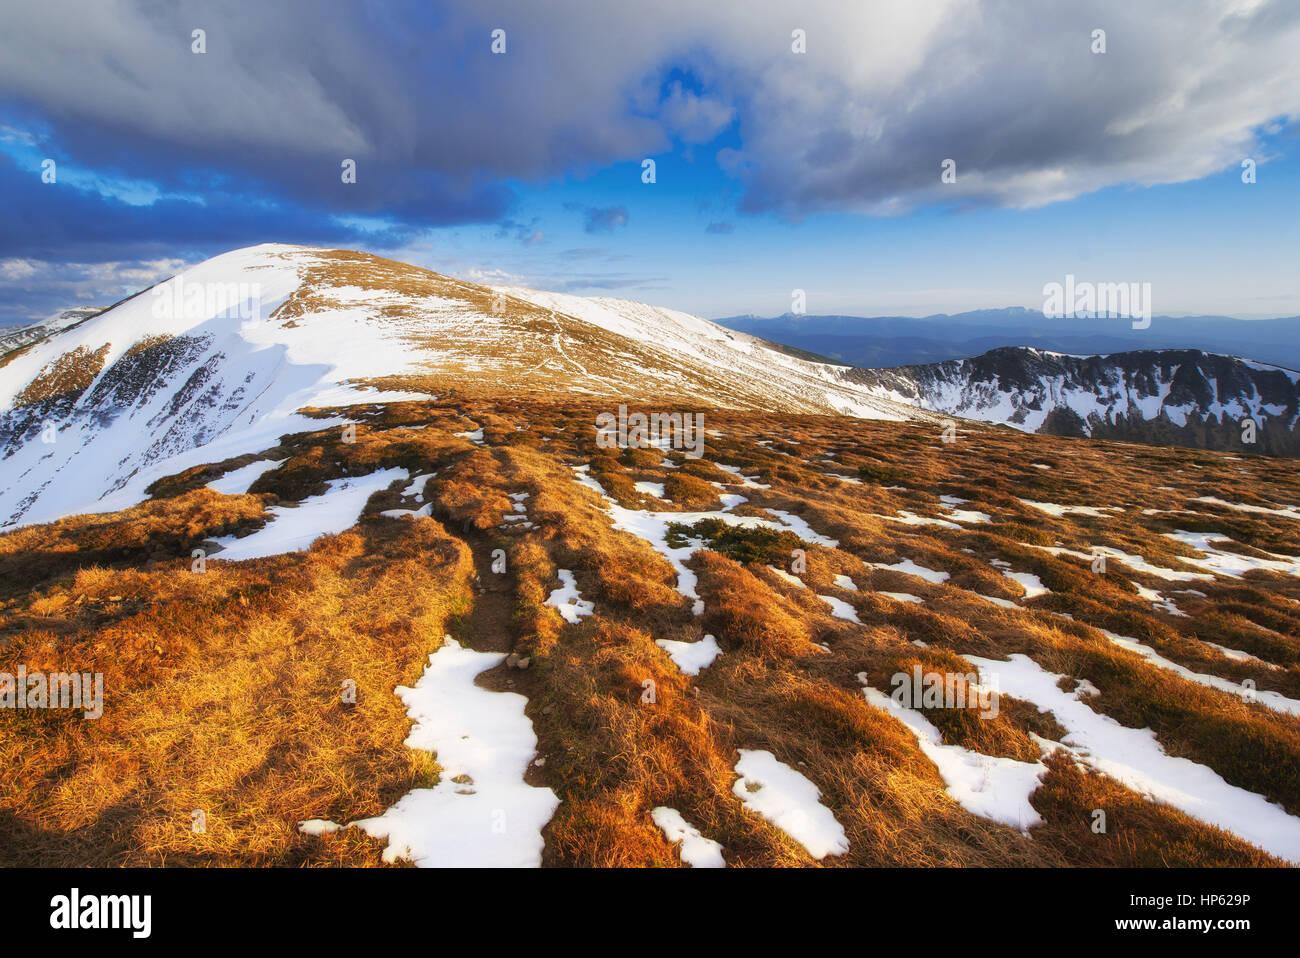 Paisaje invernal misteriosas montañas majestuosas. Imagen De Stock